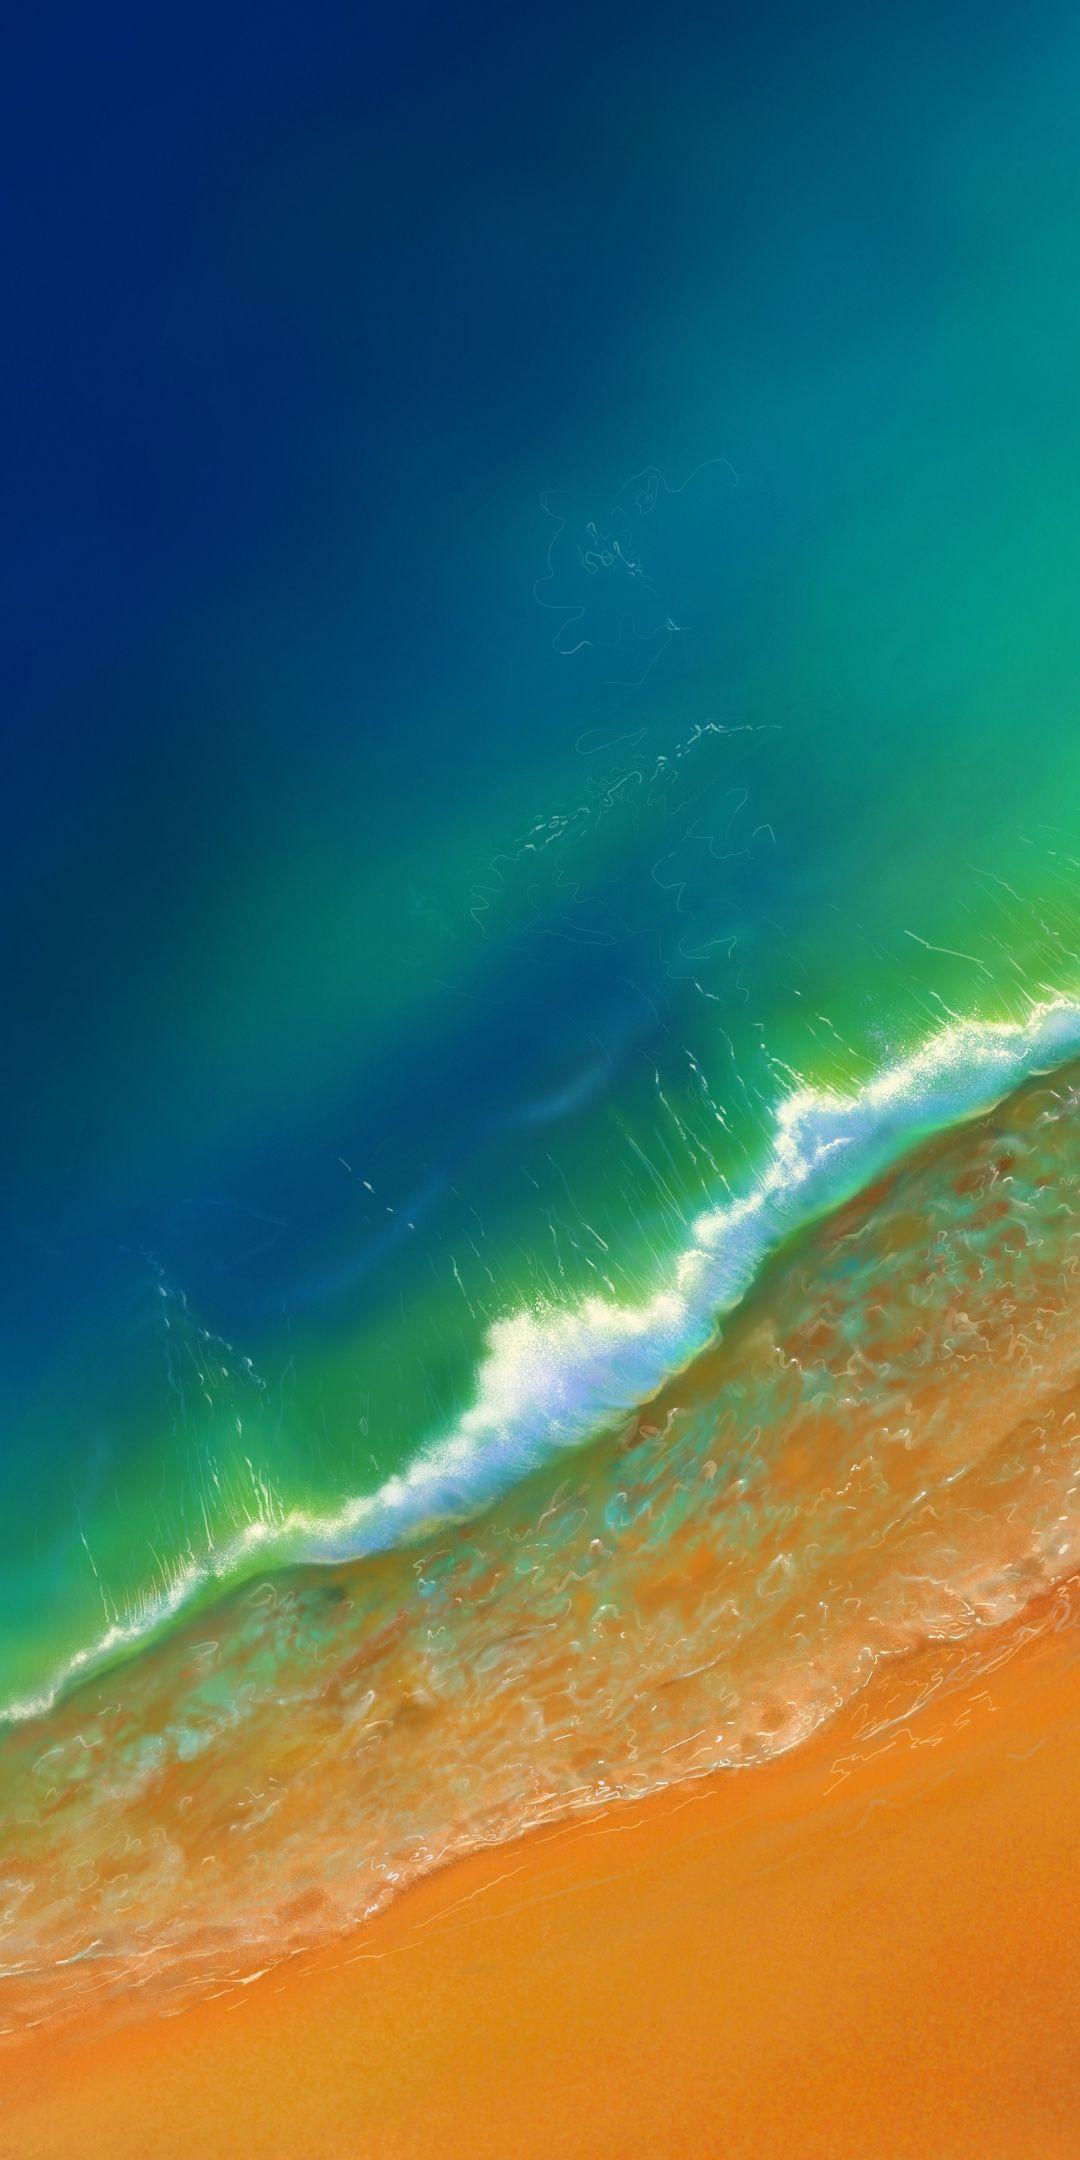 Green Ocean Sea Waves Aerial View Beach 1080x2160 Wallpaper Ocean Wallpaper Beach Phone Wallpaper Green Ocean Beach mobile wallpaper hd sea images